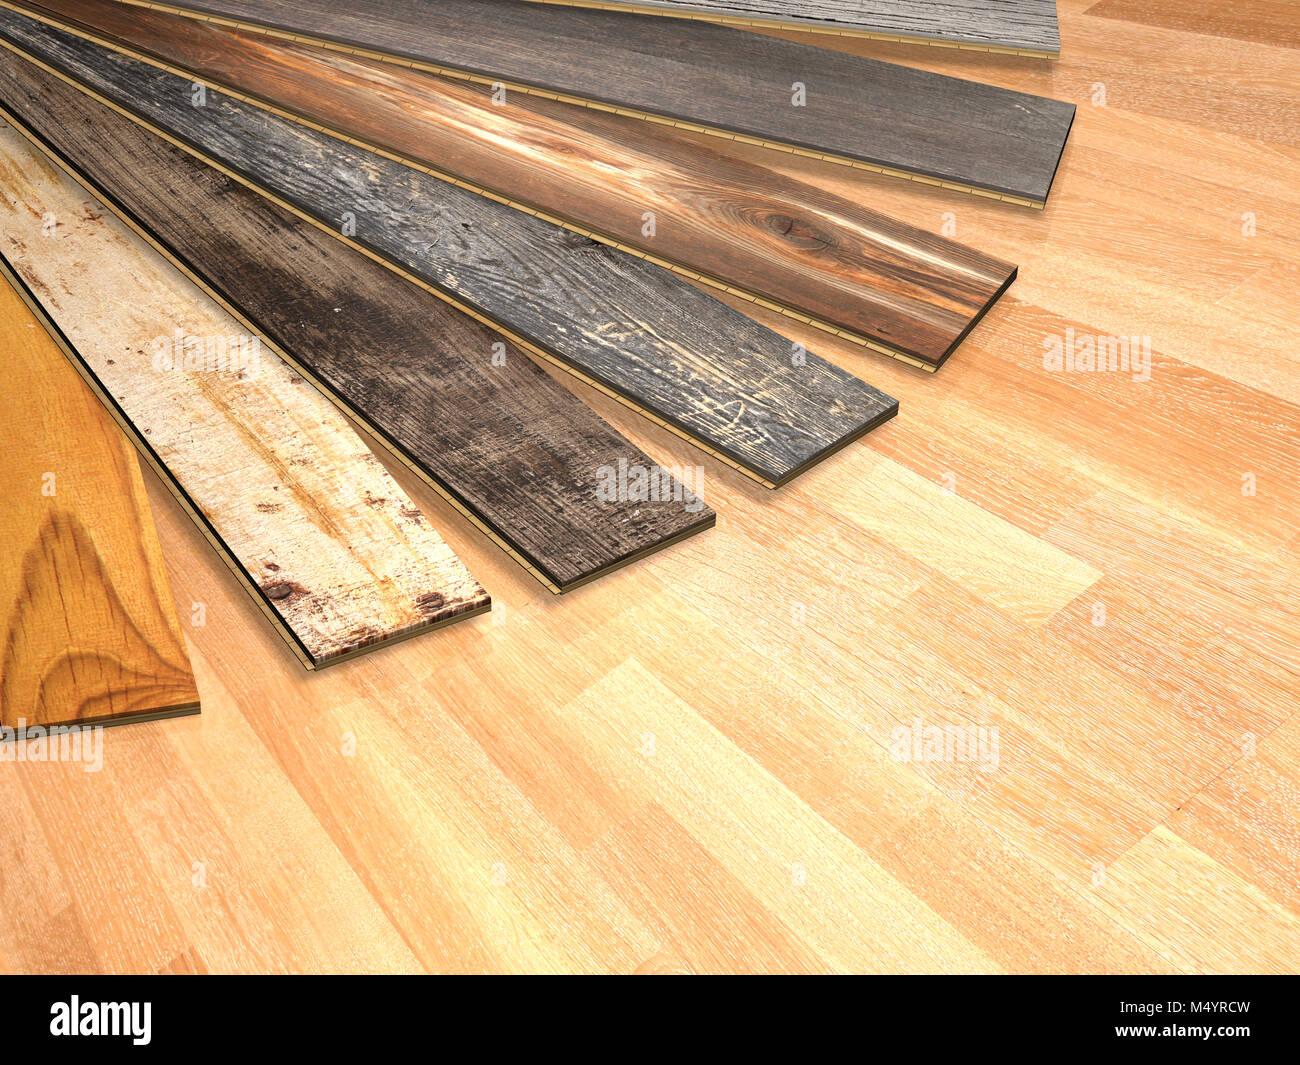 Pavimenti Rustici In Legno : Pavimento con assi di legno